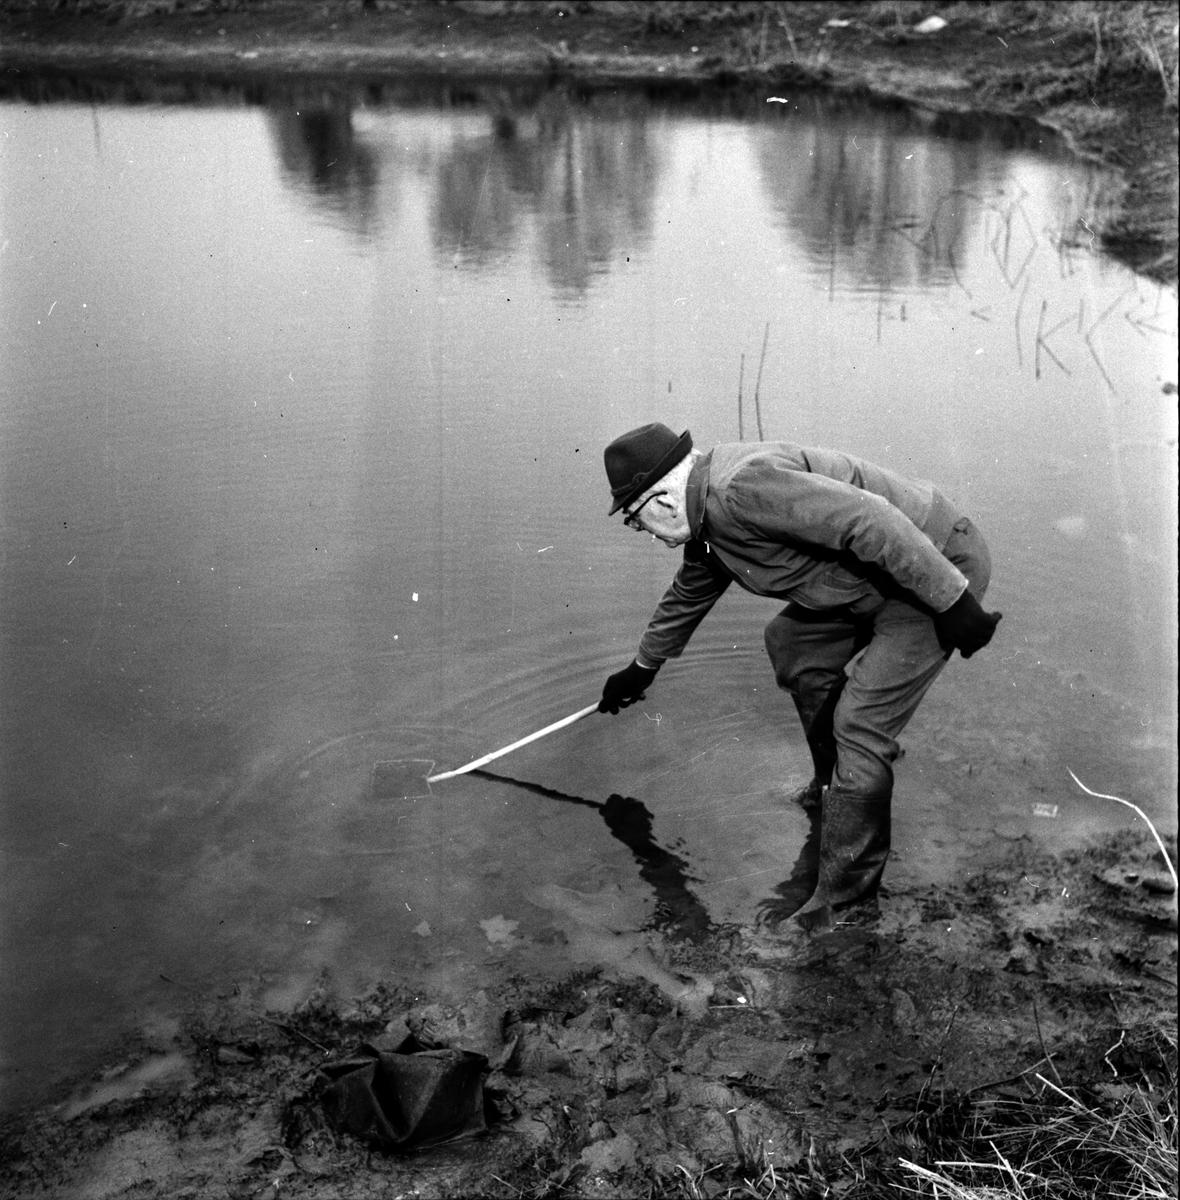 Flugan, Tömmer näckrosdammen, 24 April 1965